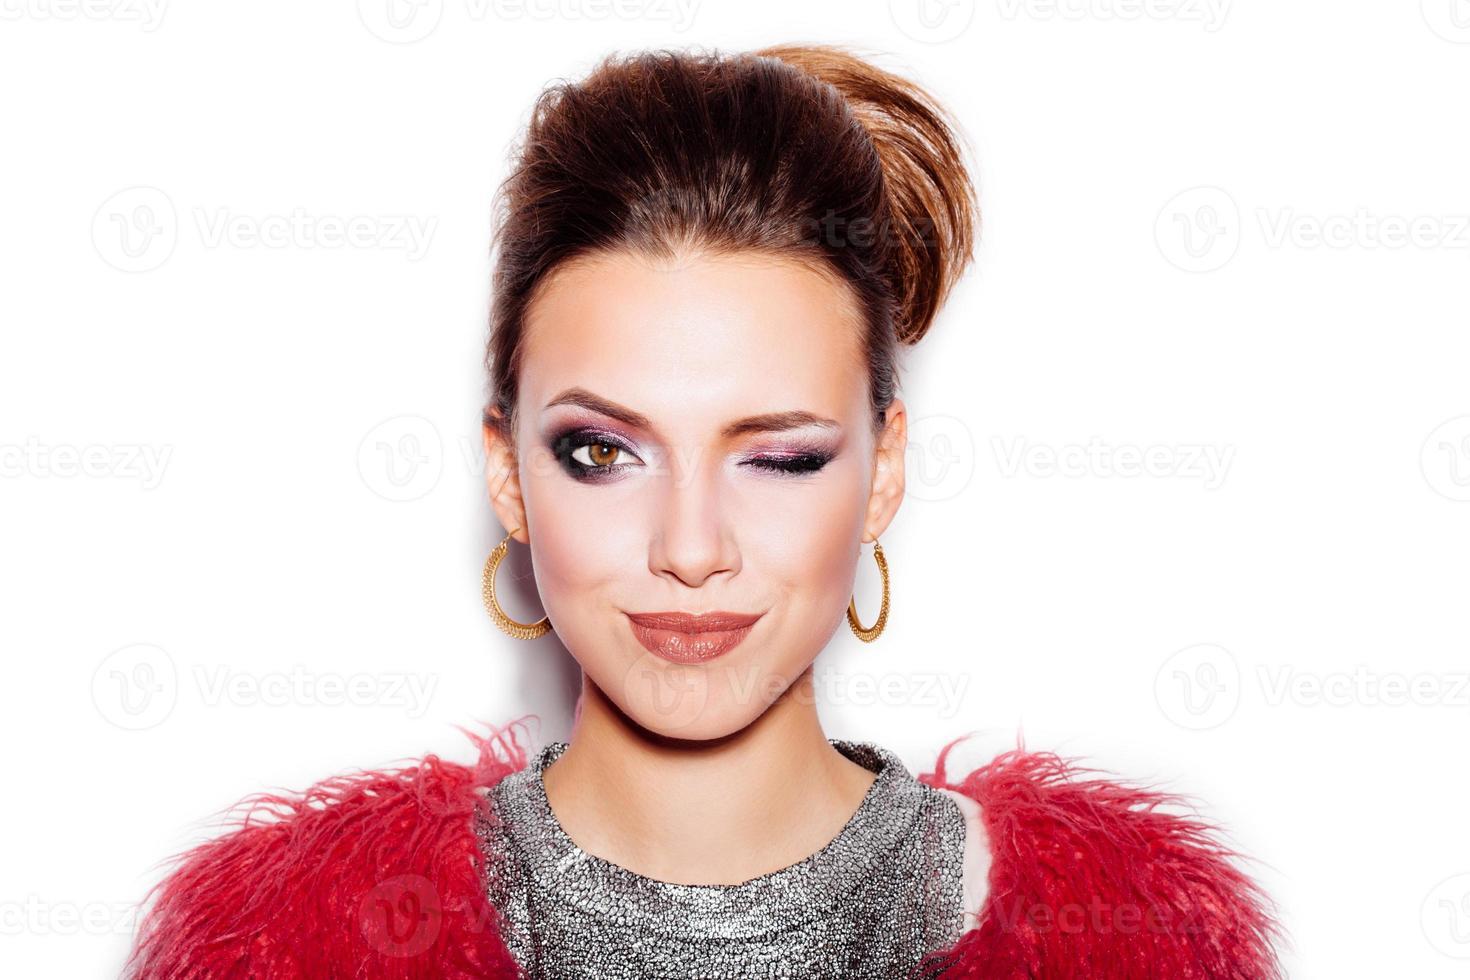 mode skönhet kvinna porträtt. snygg frisyr och smink foto